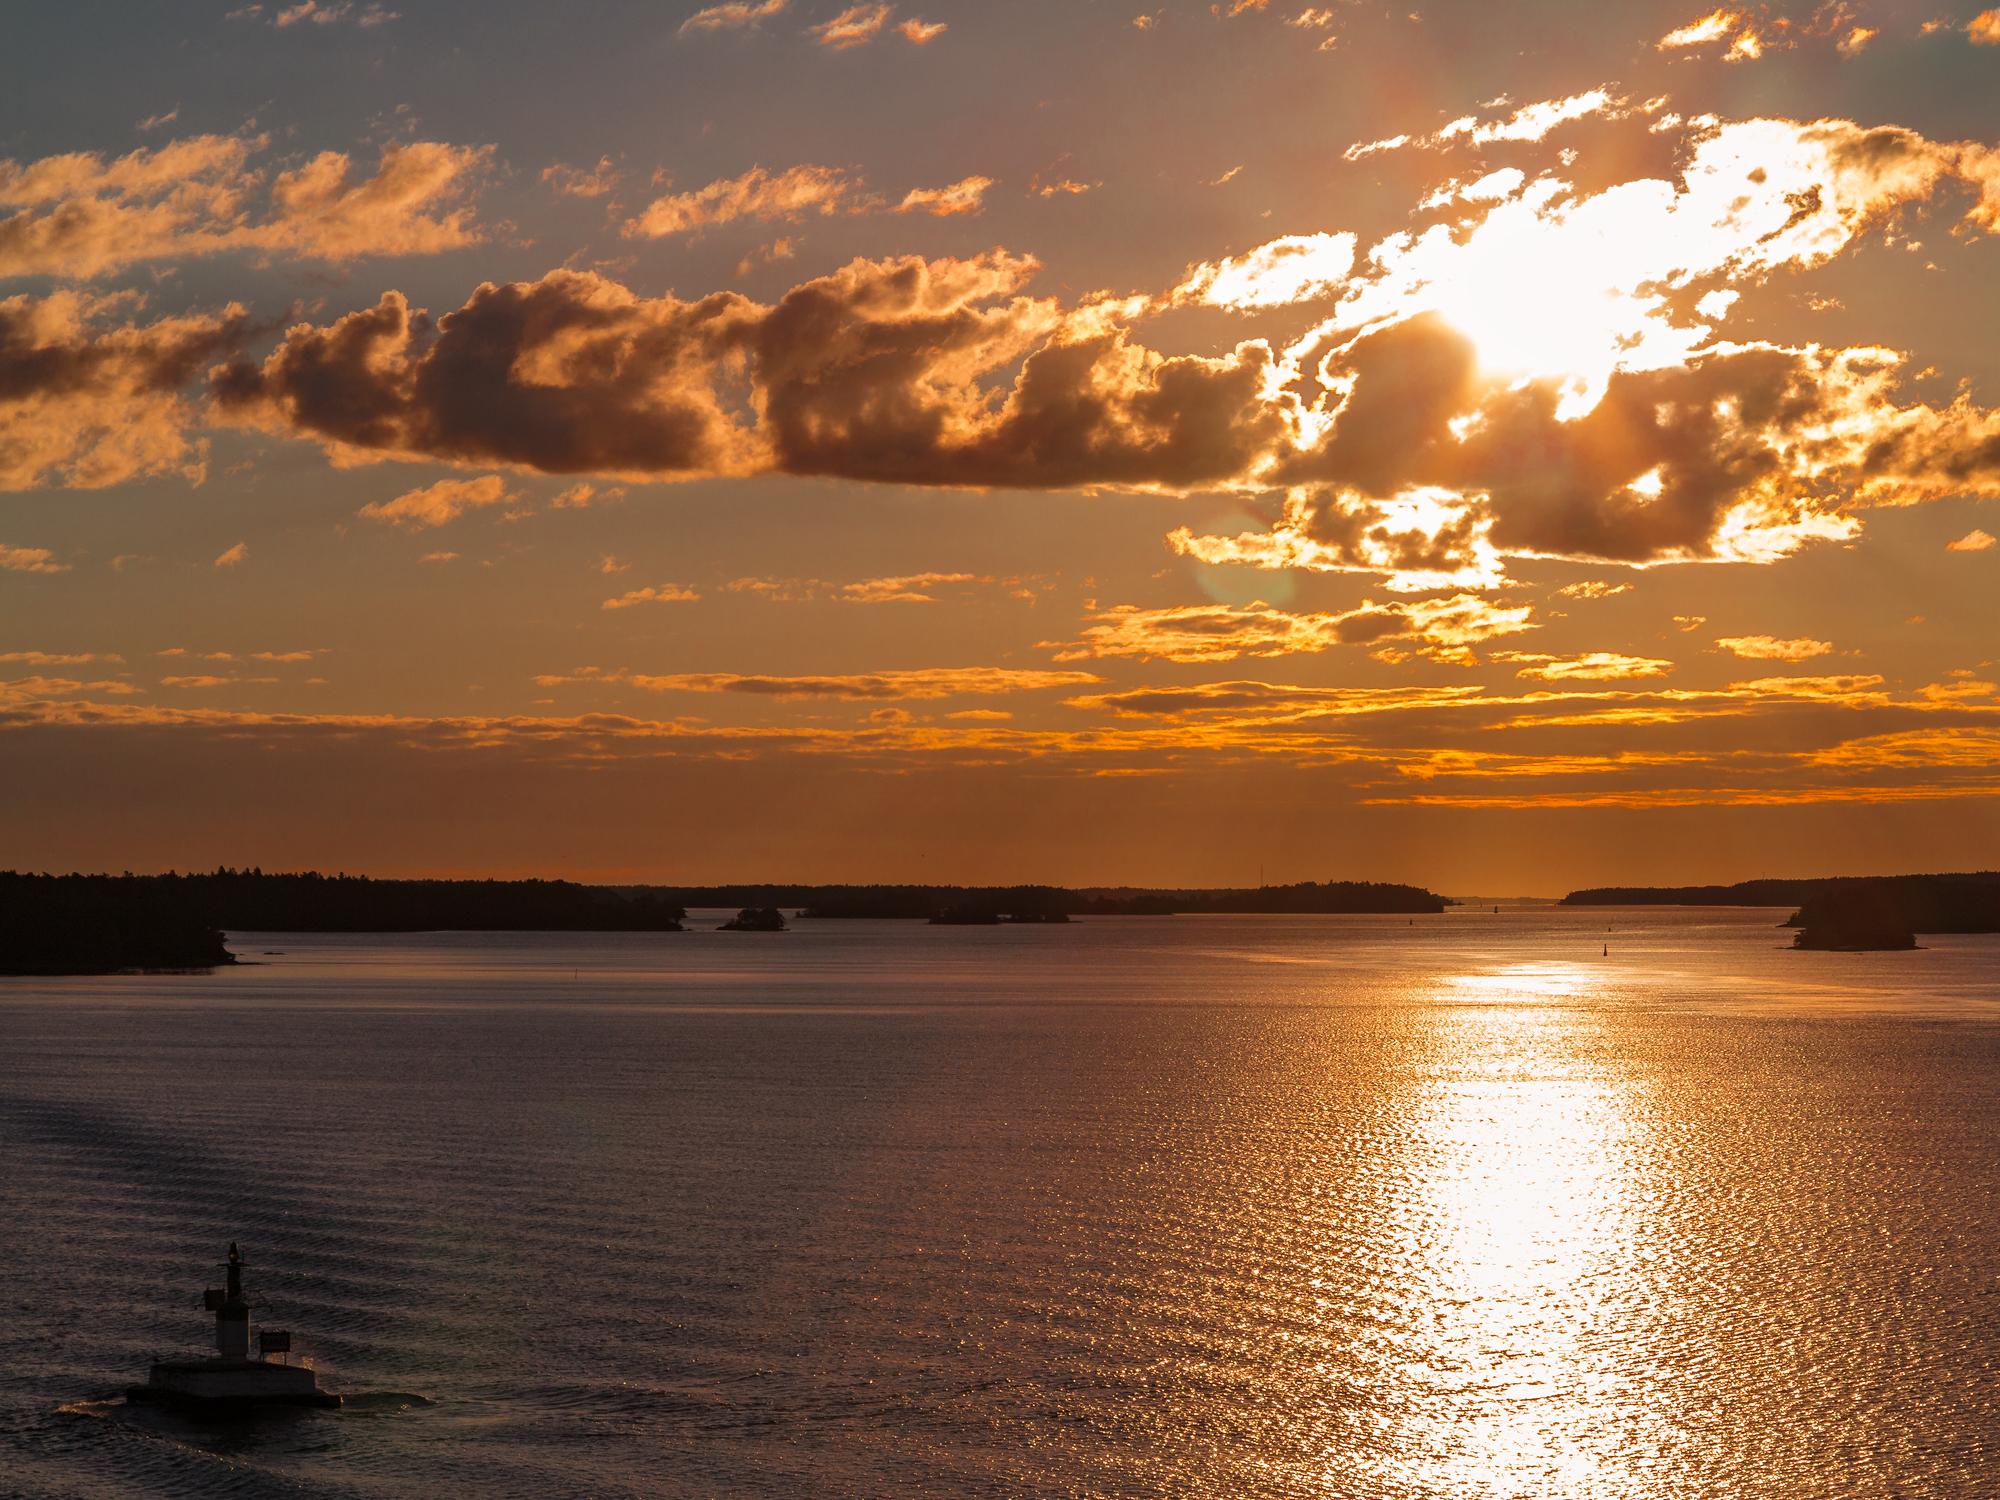 Sonnenuntergang auf der Mein Schiff 6